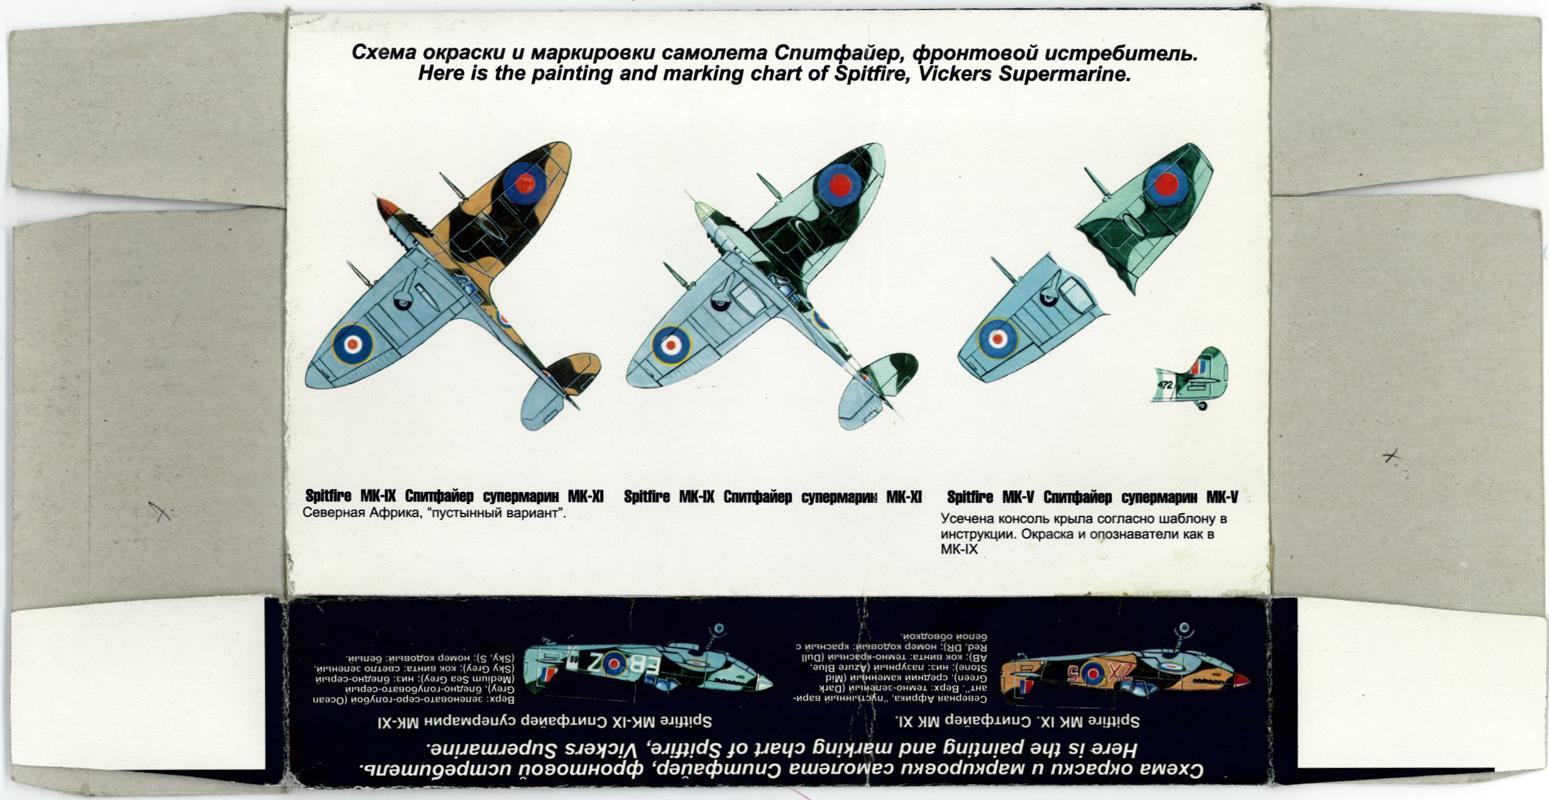 Обои Spitfire Mk.XVI, Packard Merlin 266, Royal Air Force, истребитель - бомбардировщик, американский двигатель, с каплевидным фонарём. Авиация